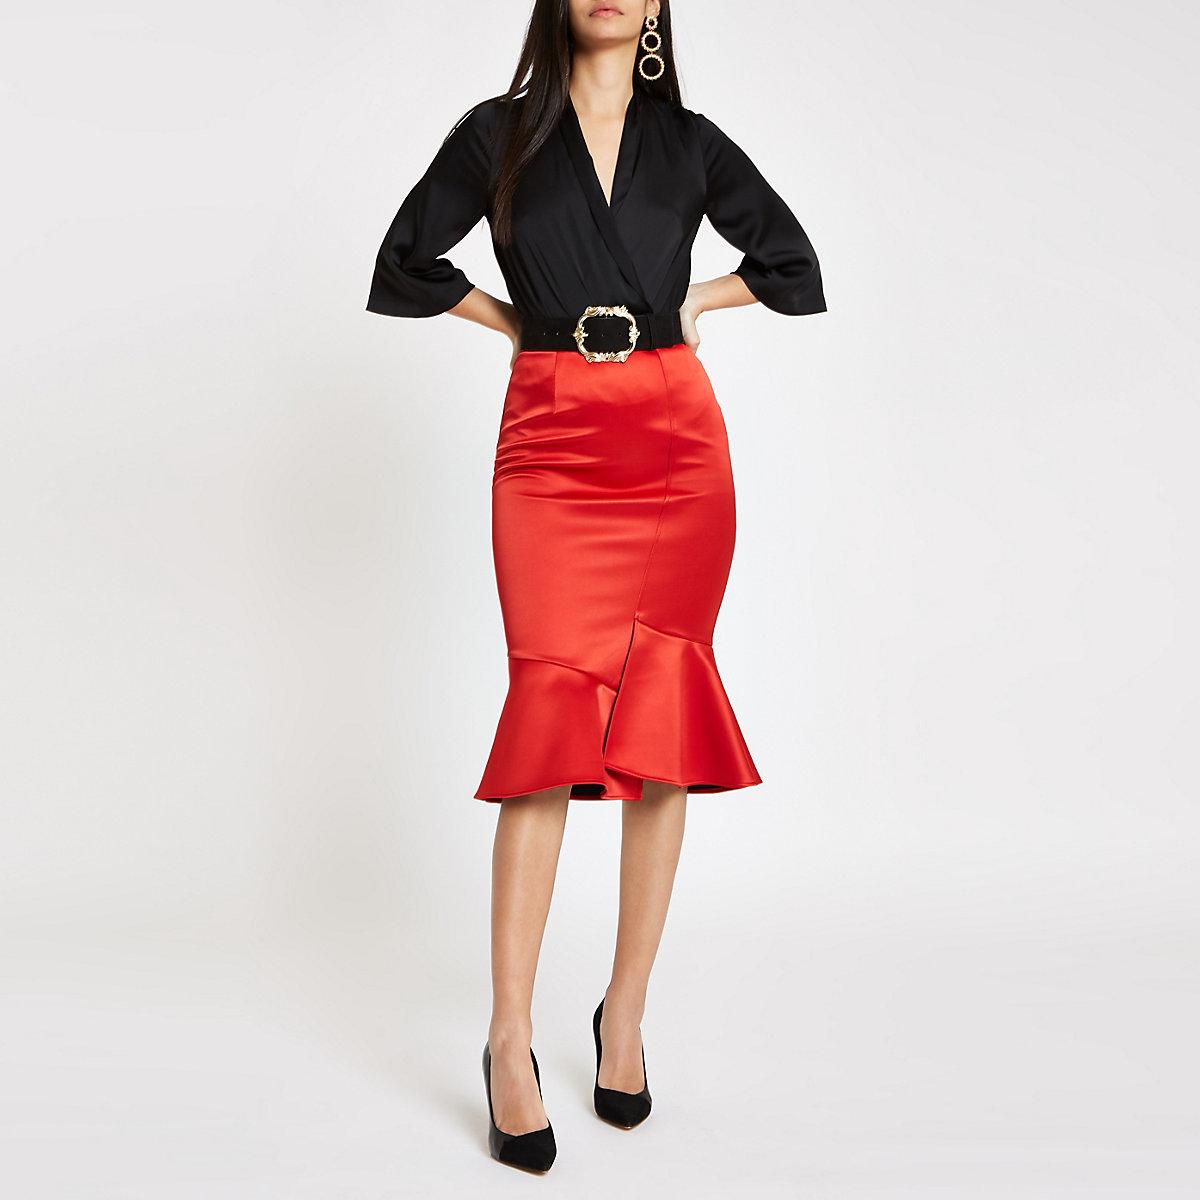 Red satin frill hem pencil skirt